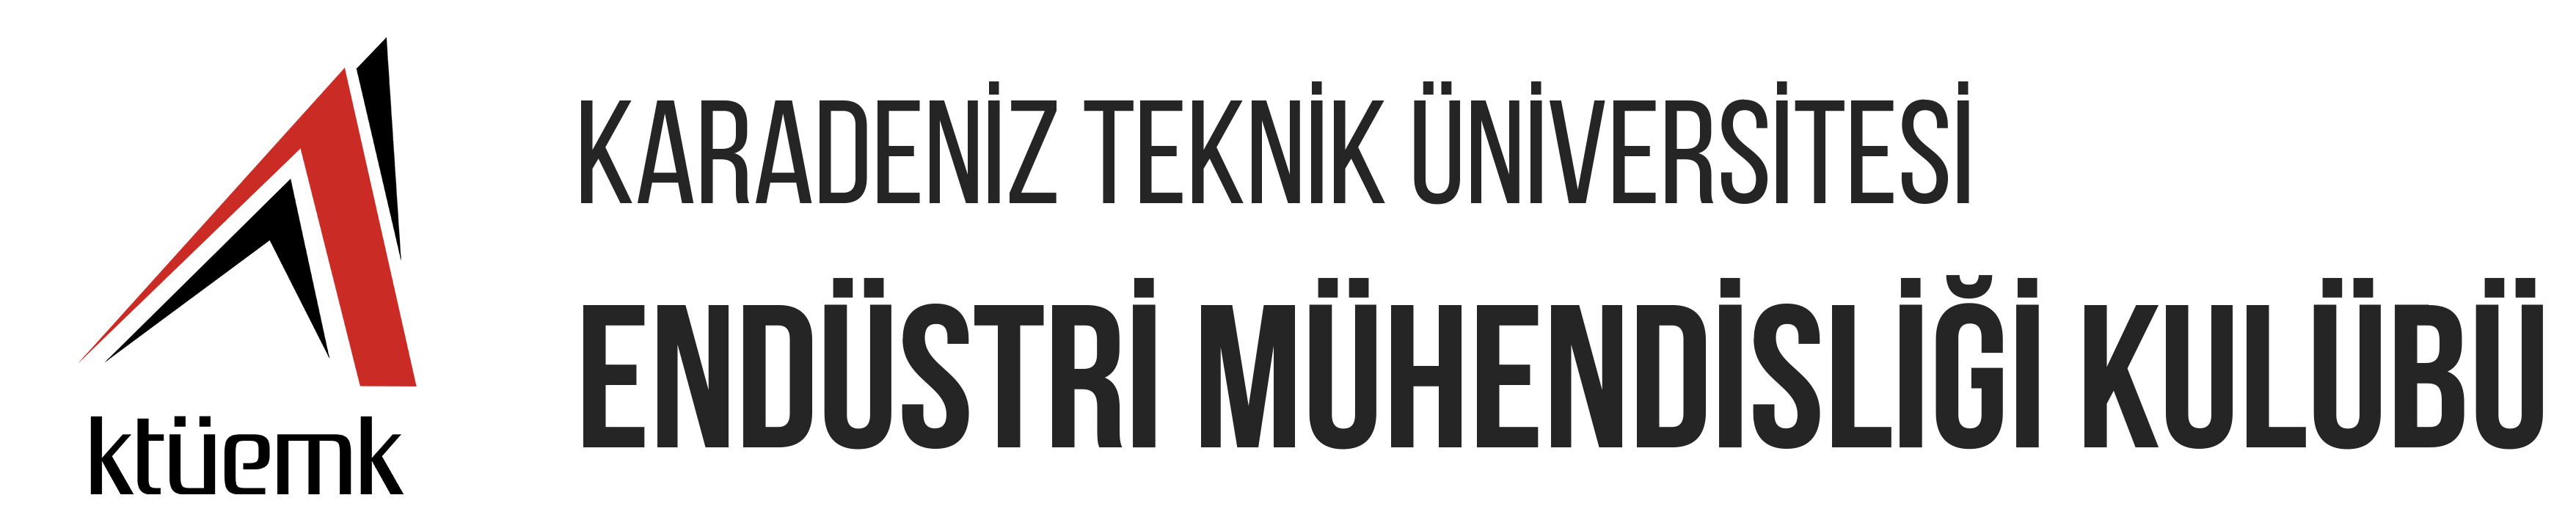 Karadeniz Teknik Üniversitesi Endüstri Mühendisliği Kulübü